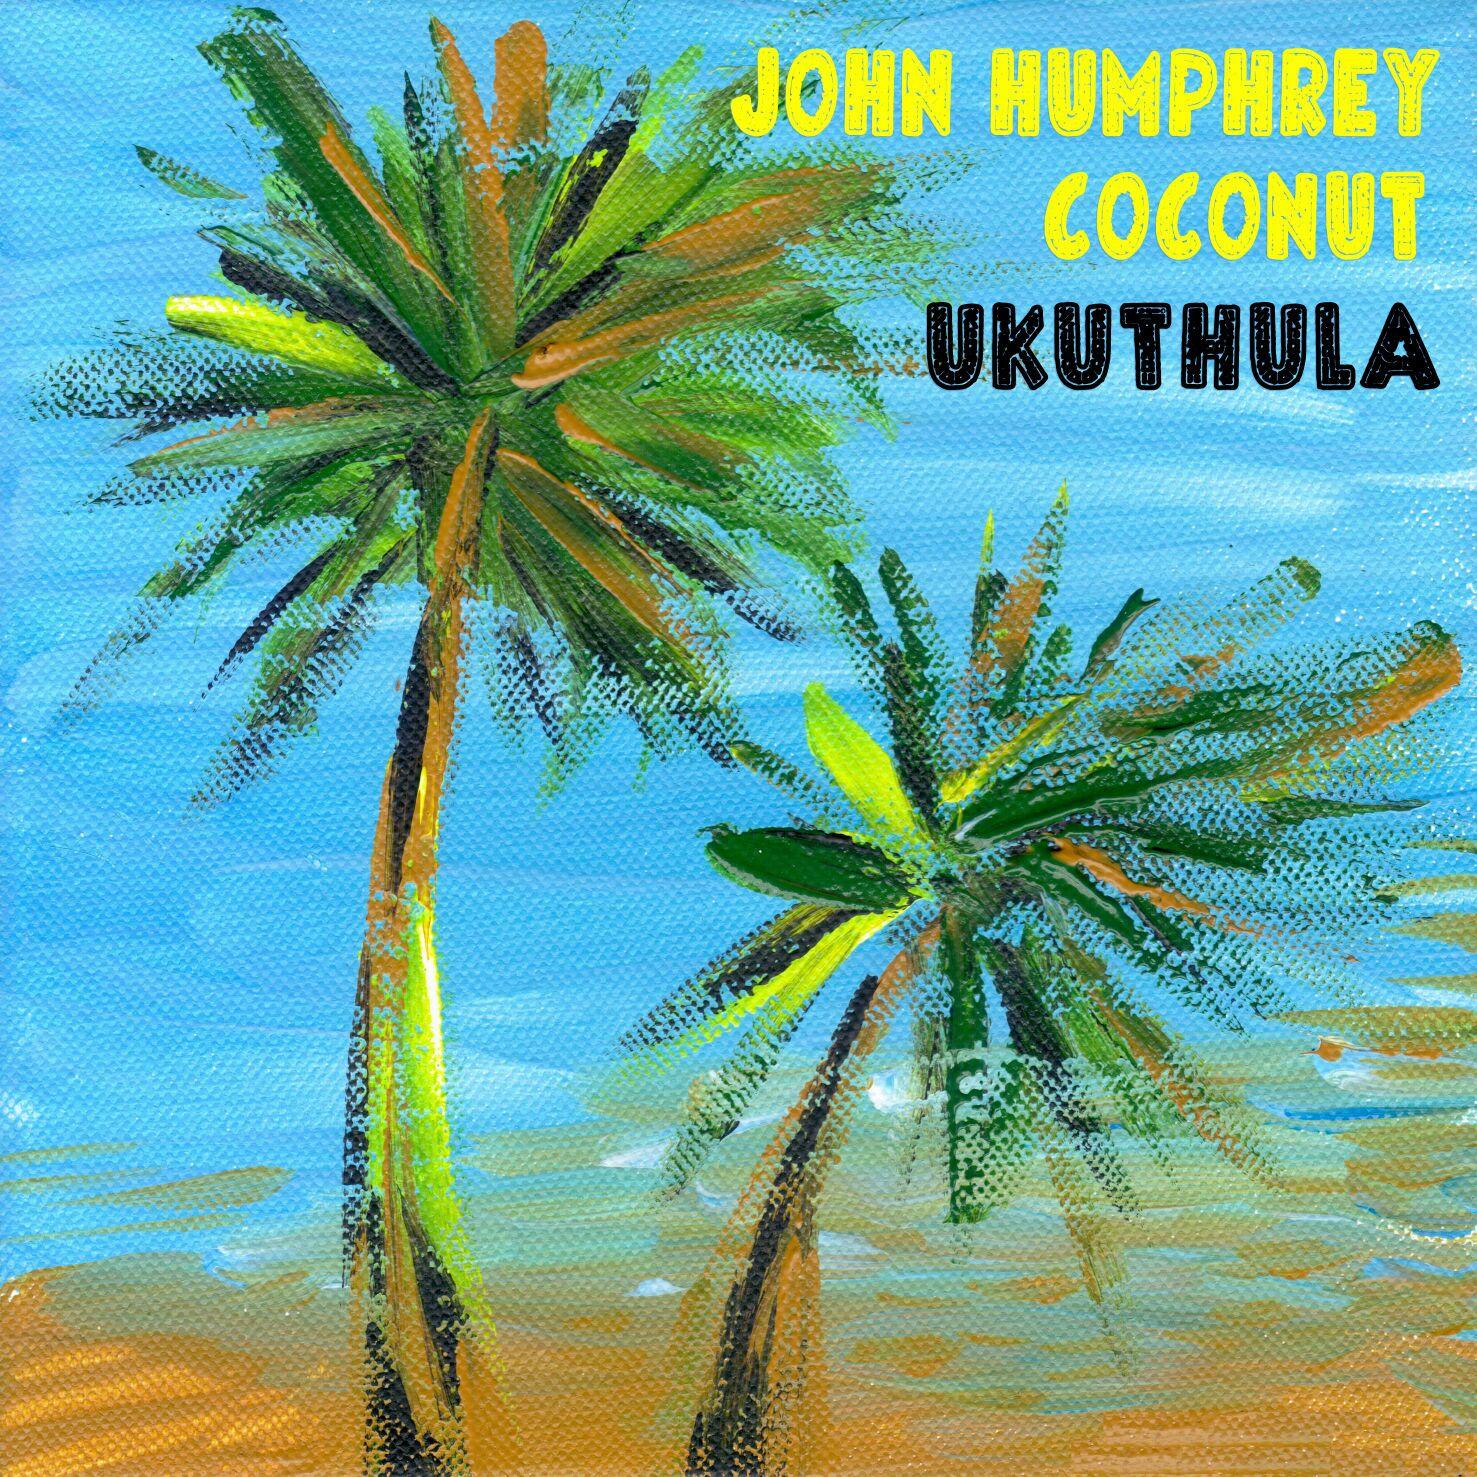 John Humphrey Coconut - Ukuthula